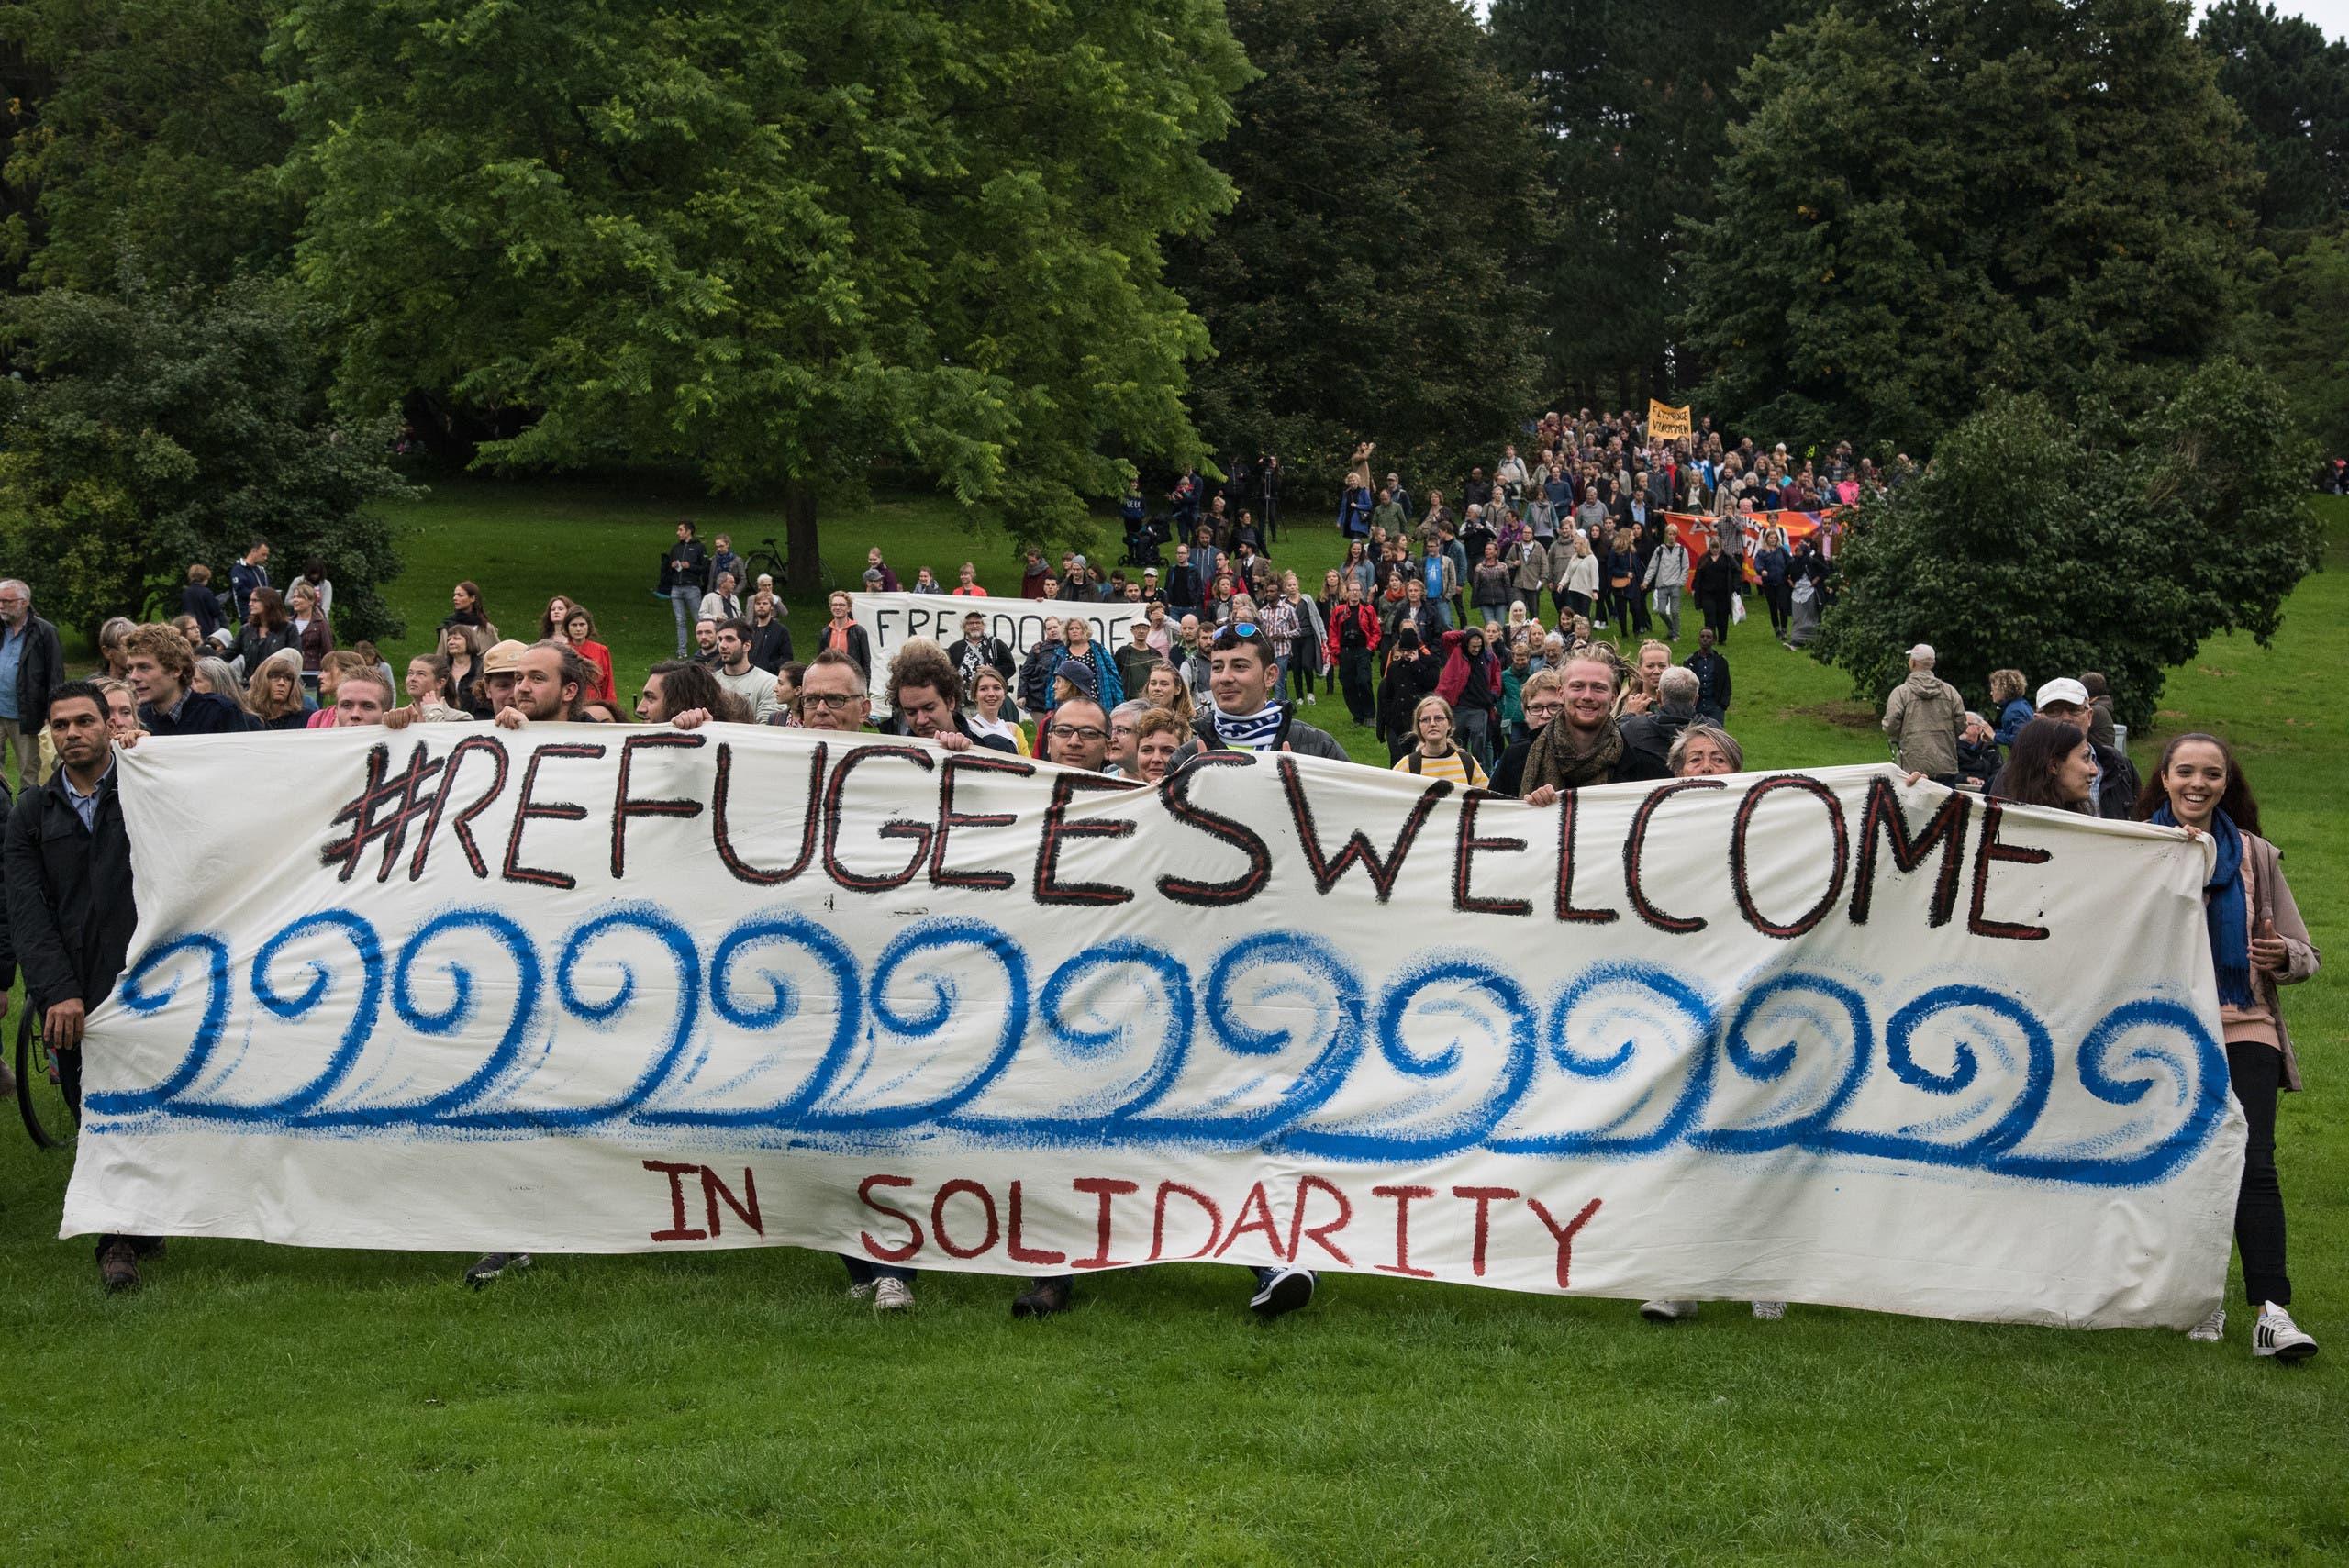 سكان في الدنمارك يرفعون لافتة ترحب باللاجئين في كوبنهاغن في 2015